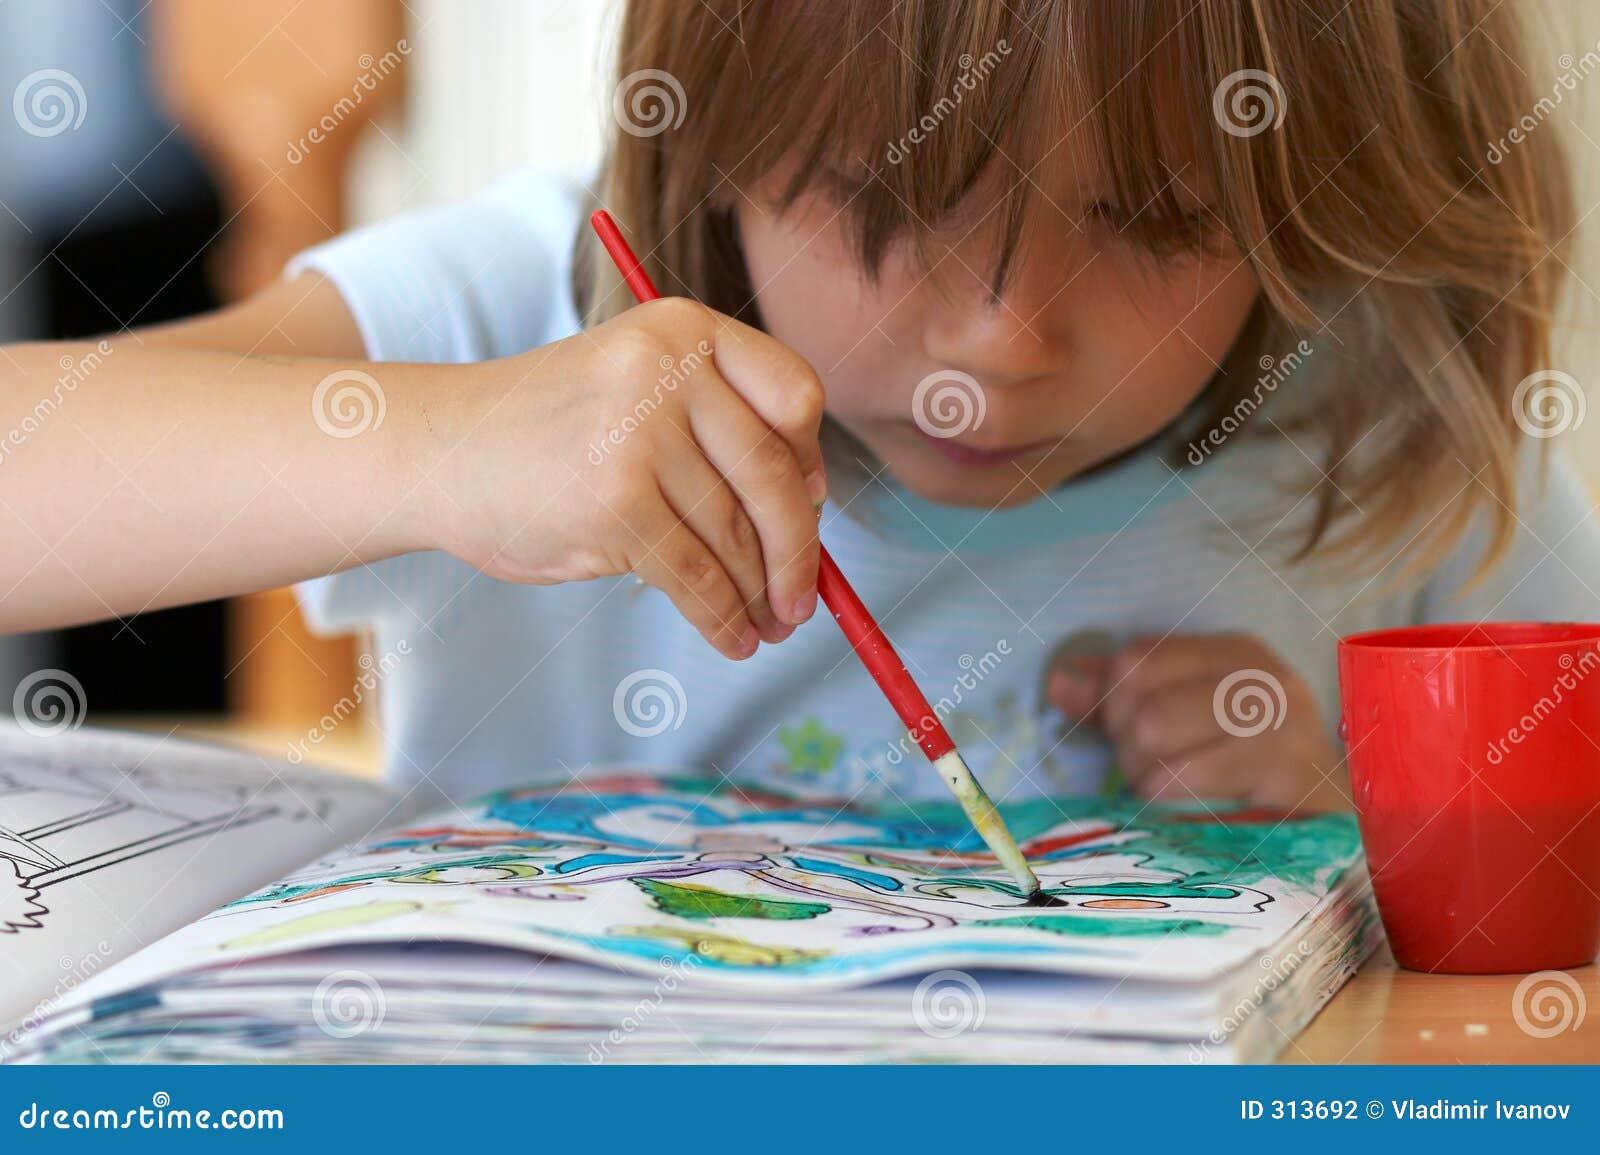 Jolie fille colorant un livre